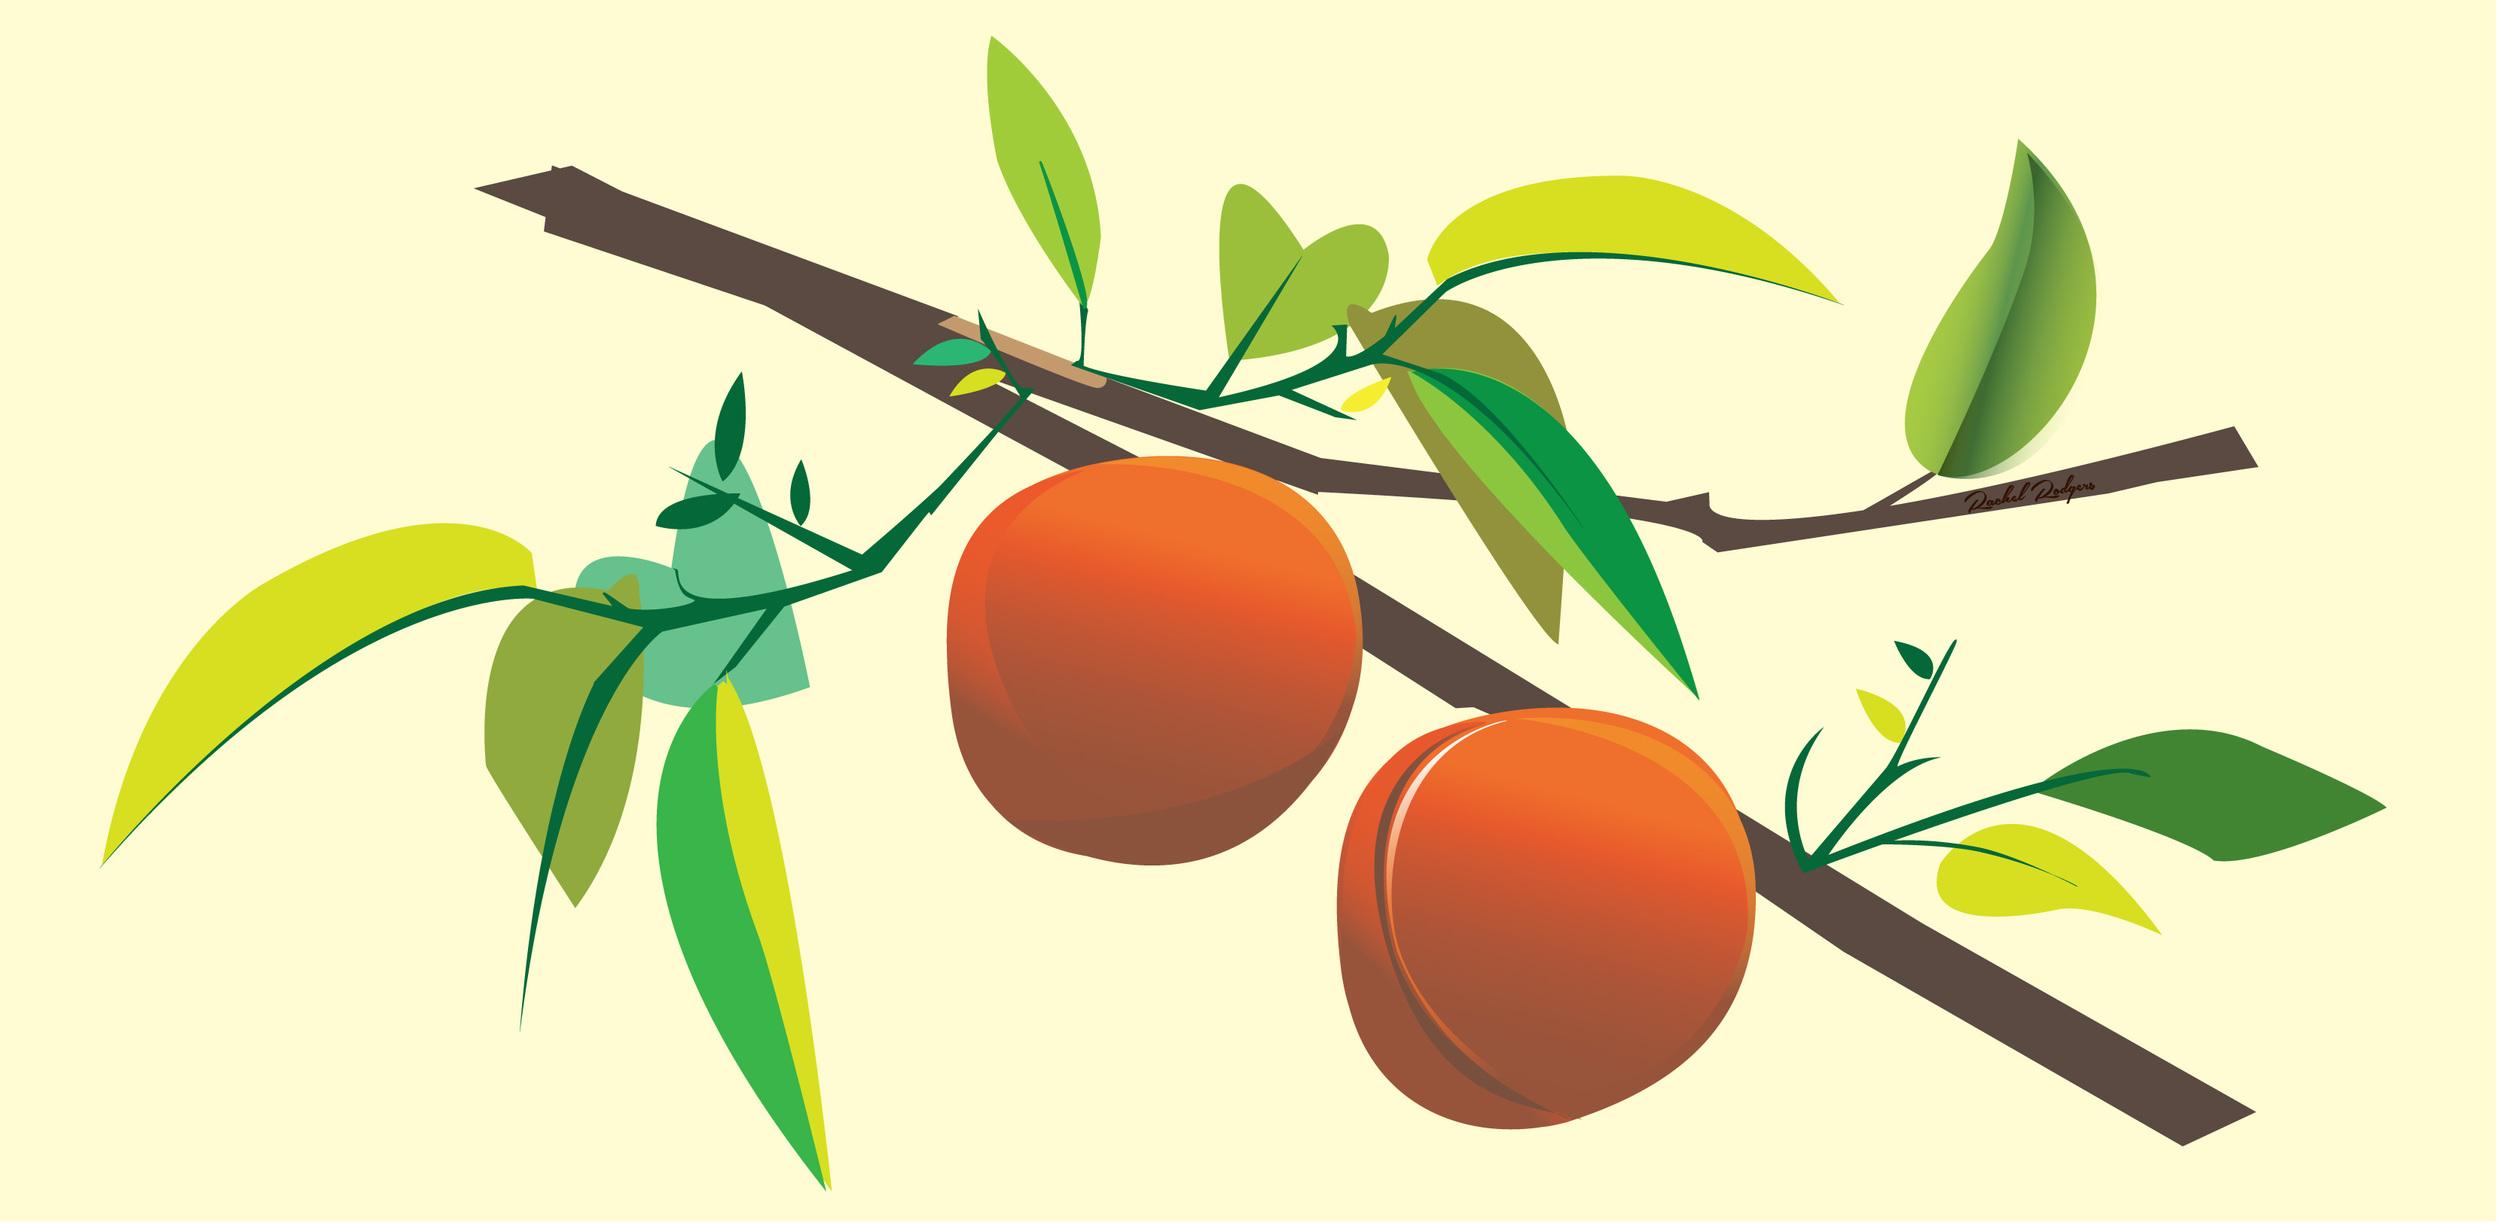 Peach_festival_beige_plain_rgb.jpg